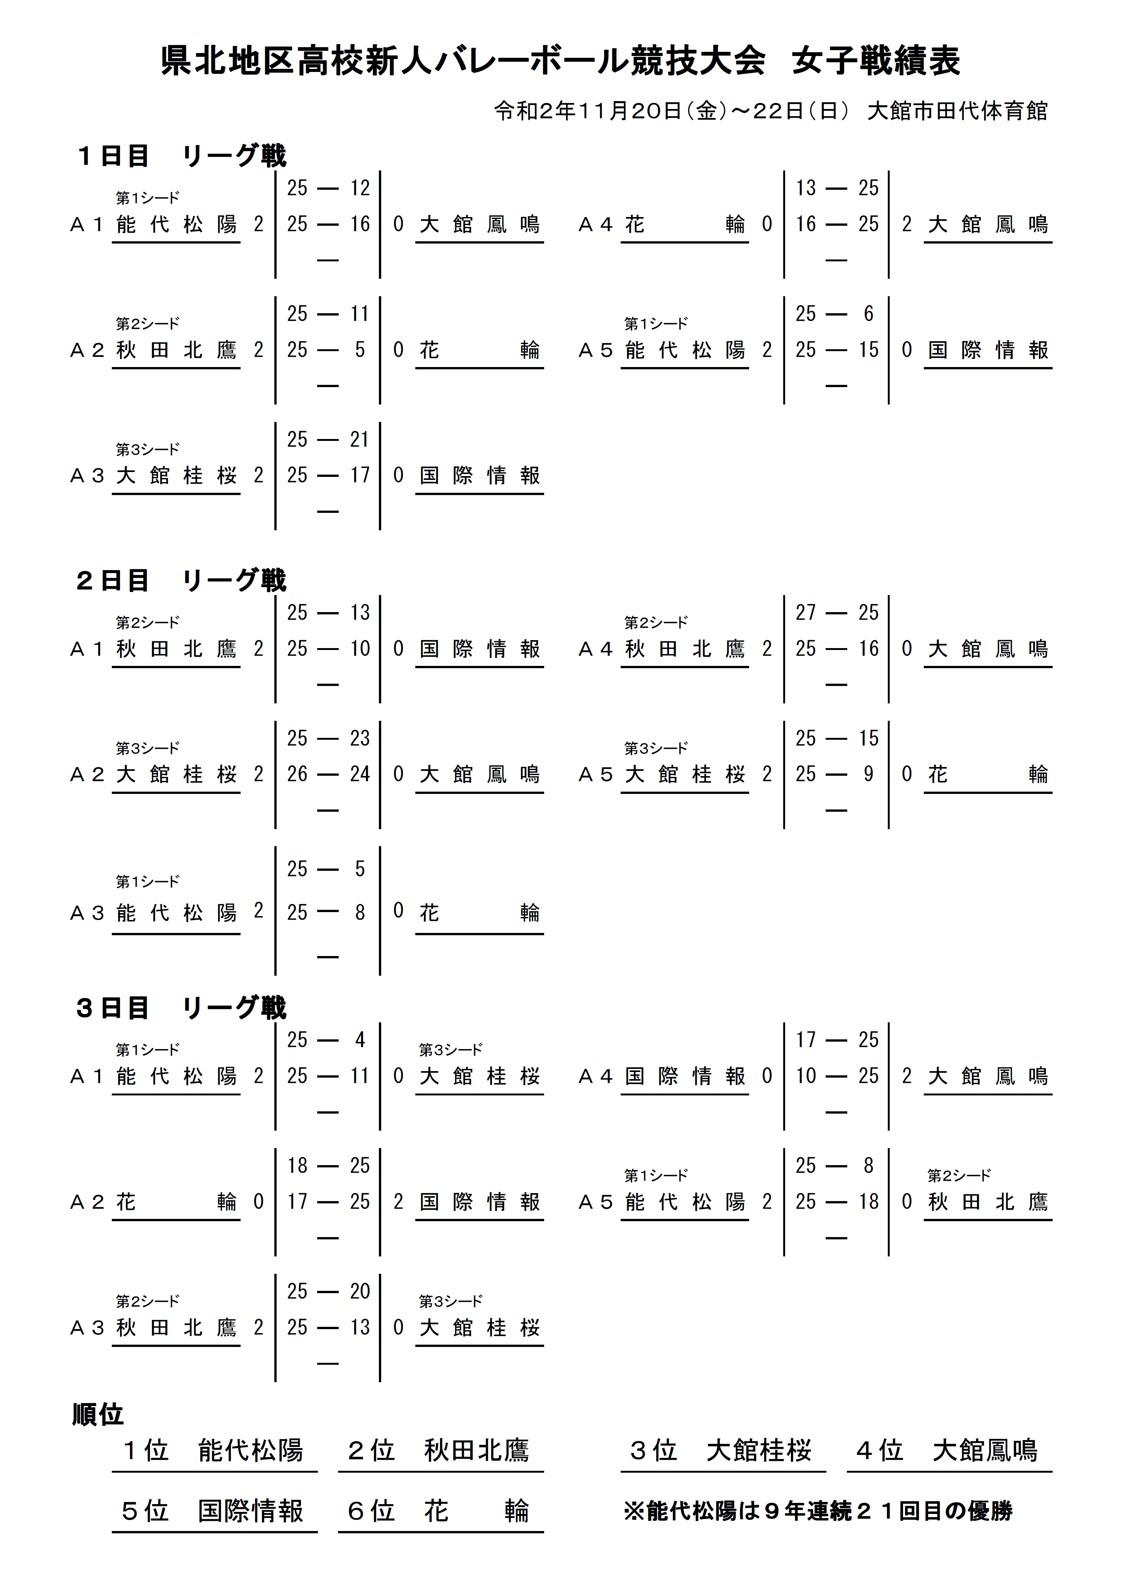 2020年度_高校新人大会_秋田_県北地区_女子_最終結果